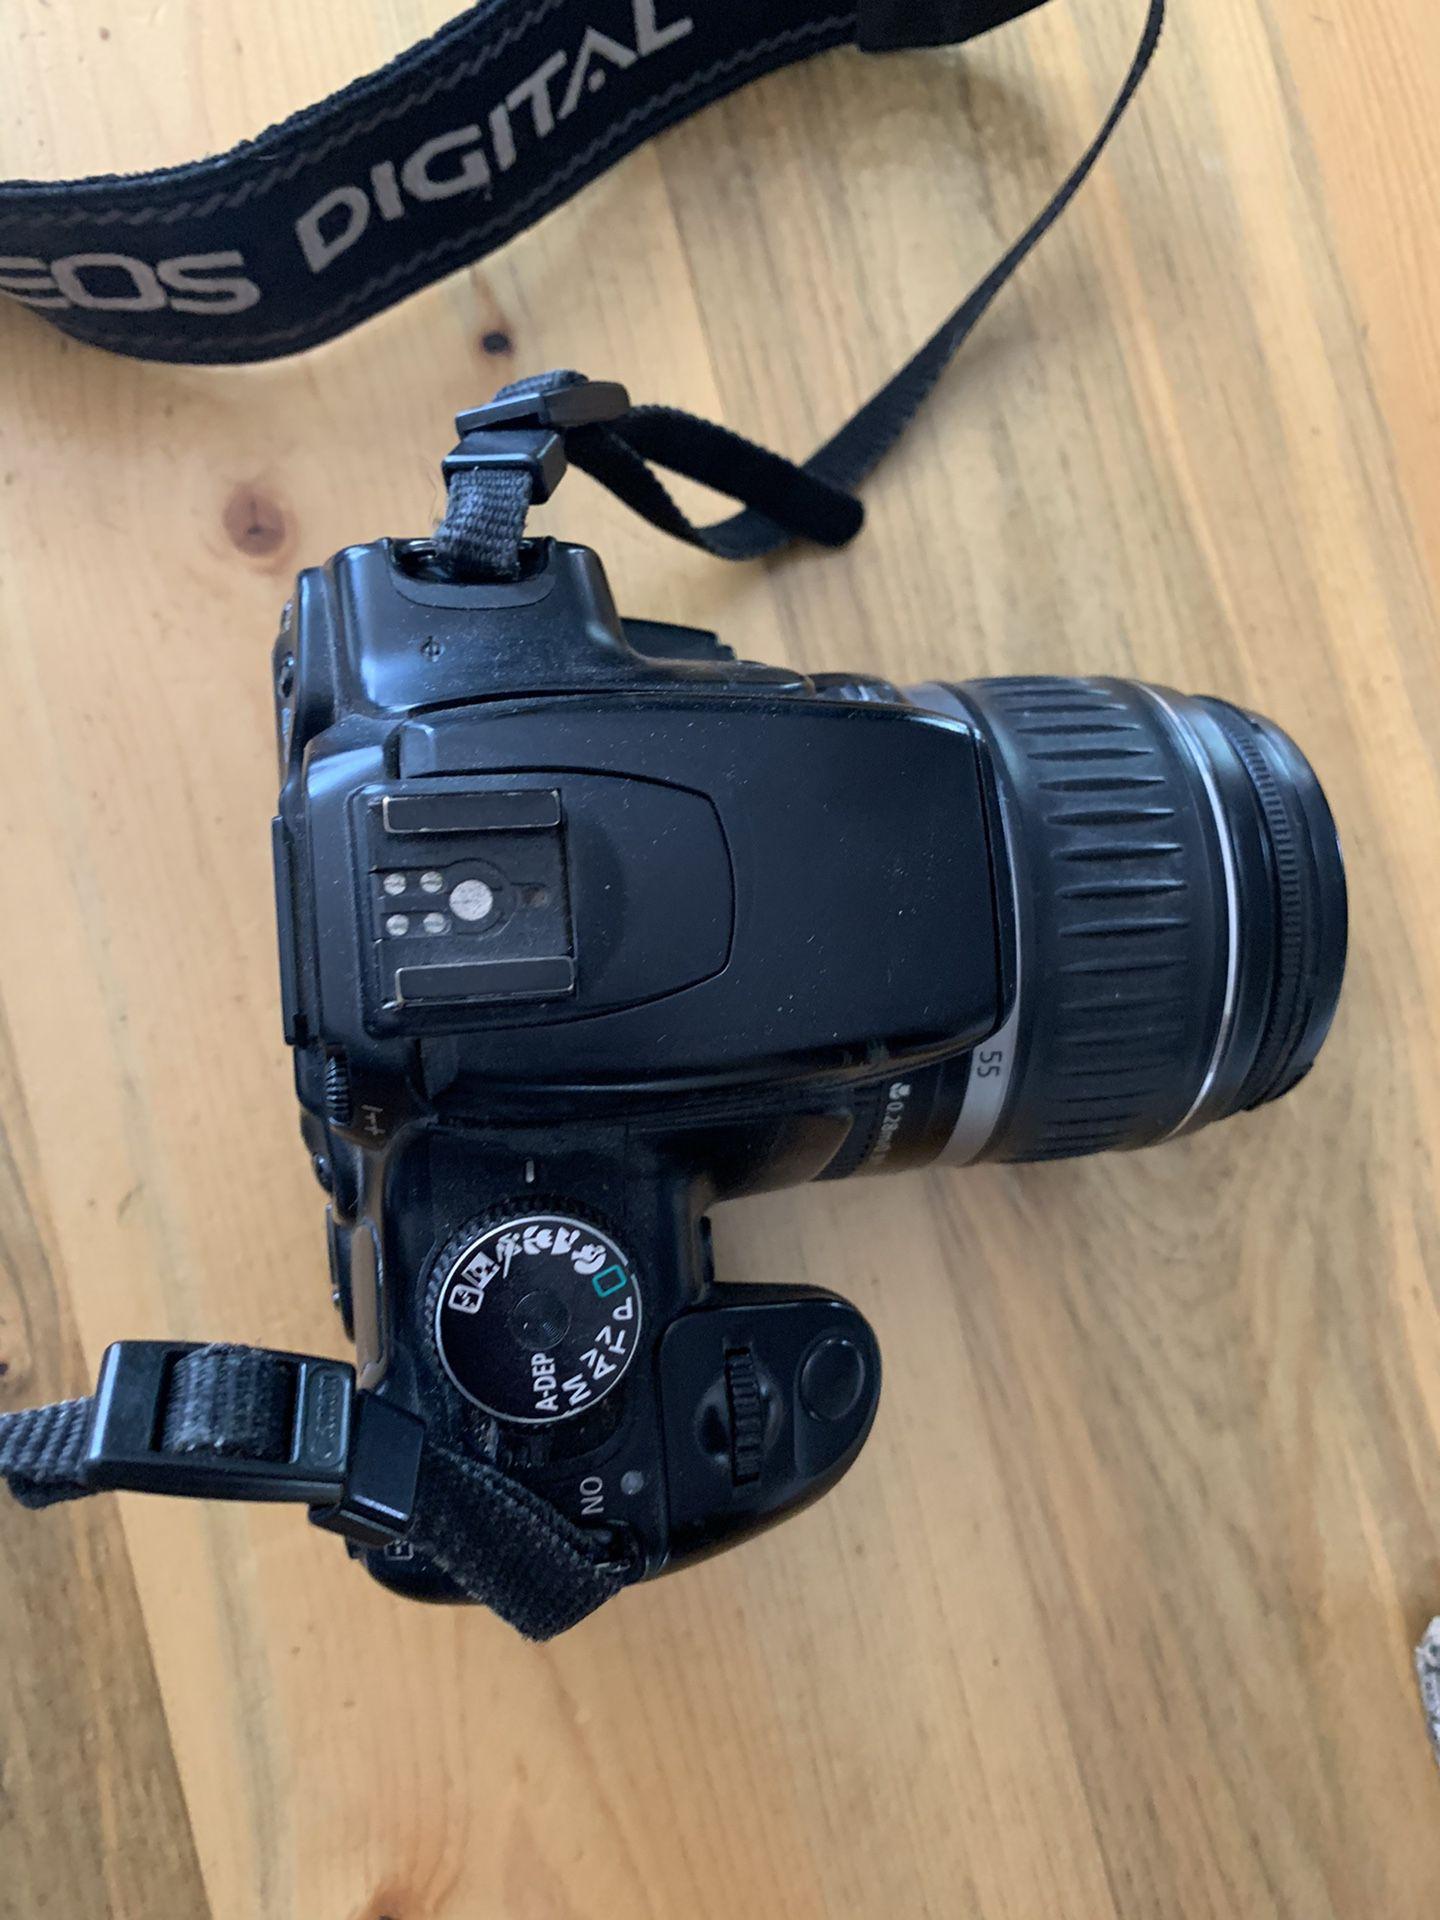 Canon Rebel XTI DSLR